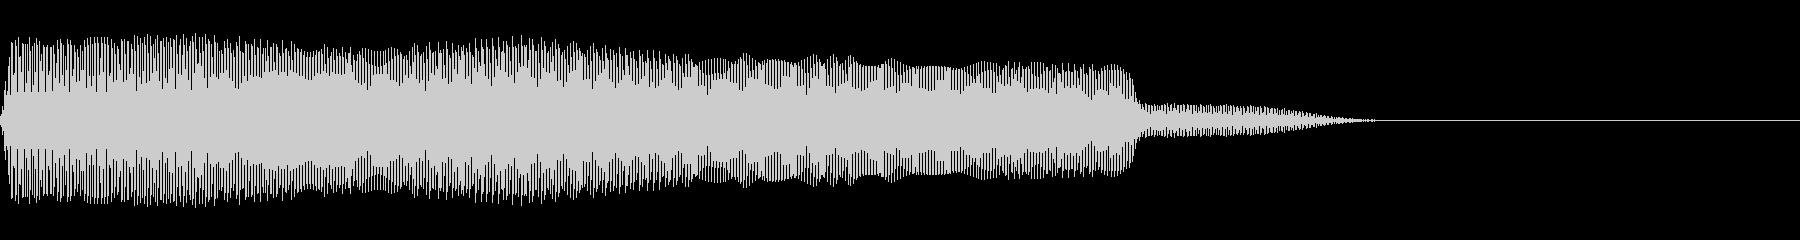 ミー(猫/鳴き声/ファミコン/キャーの未再生の波形